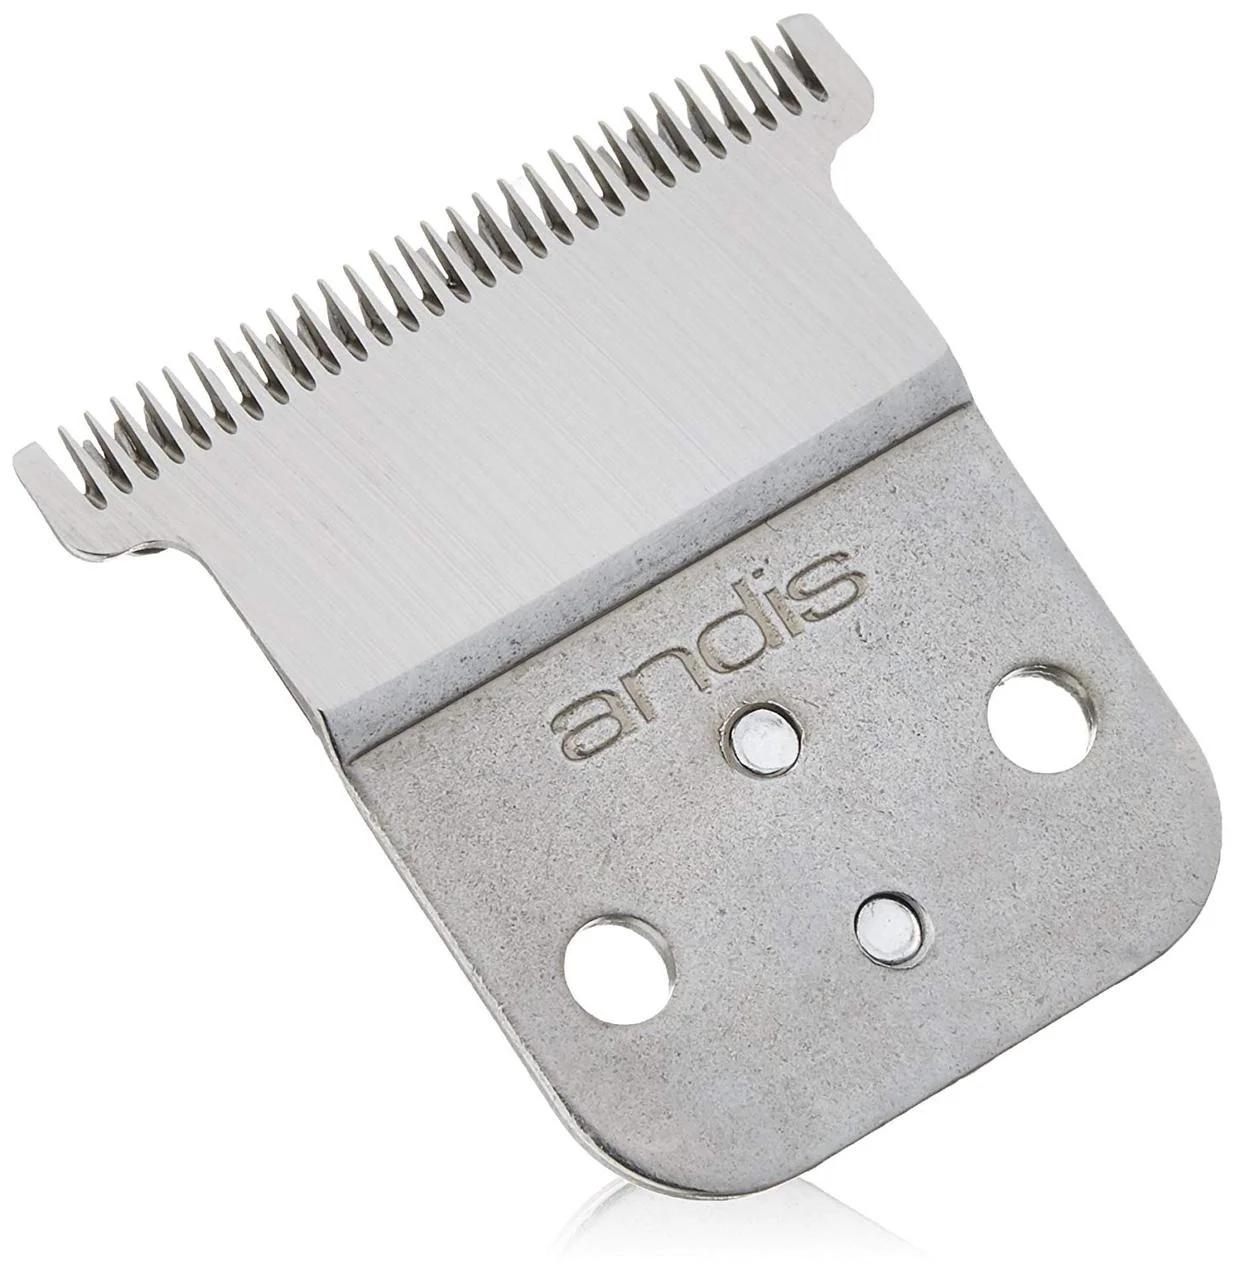 Нож для машинок Andis SlimLine Pro D-7 и D-8 Т-образный